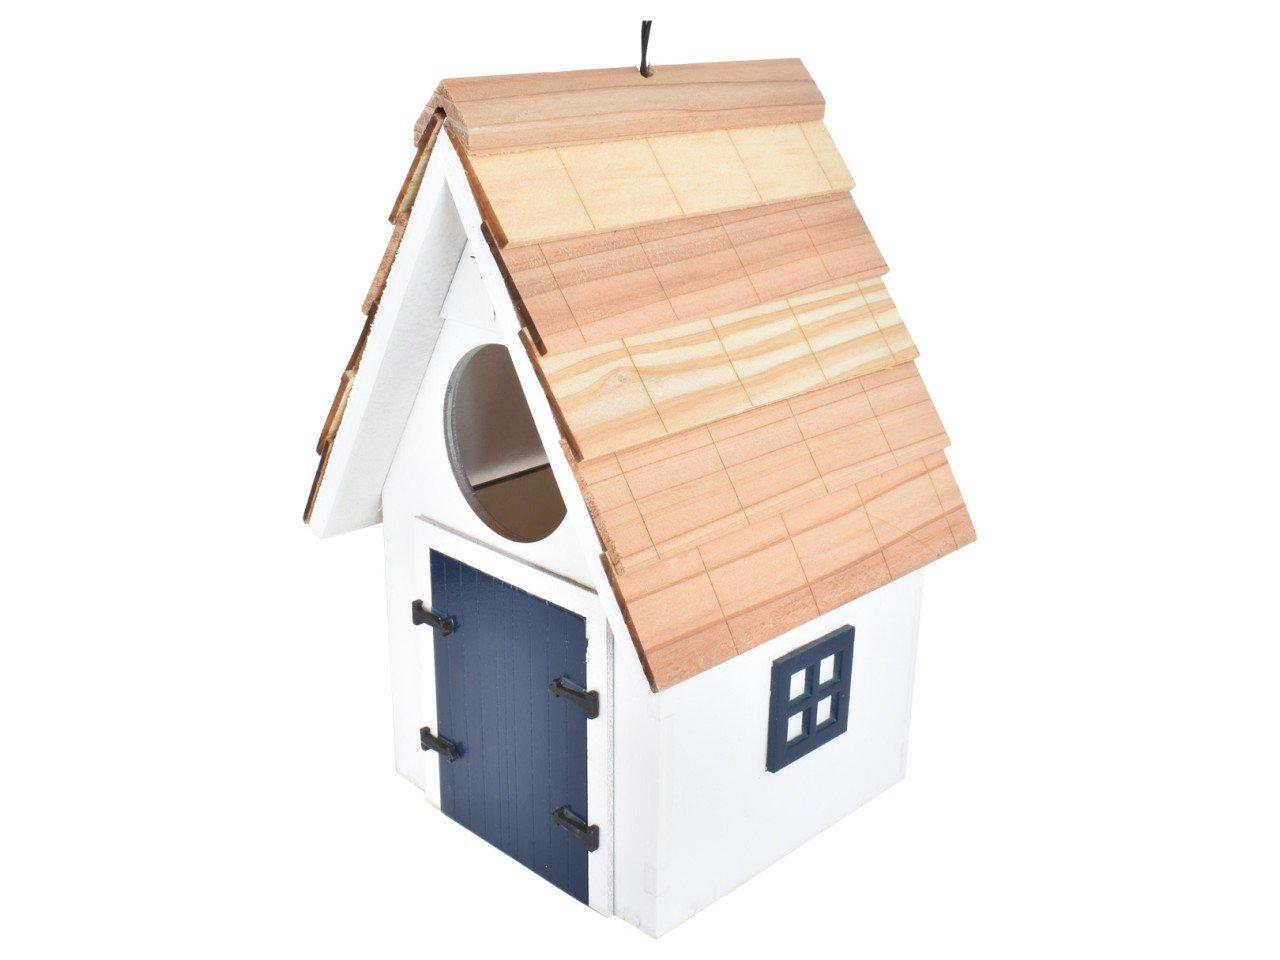 Casa para Pajaritos color Blanca con Azul